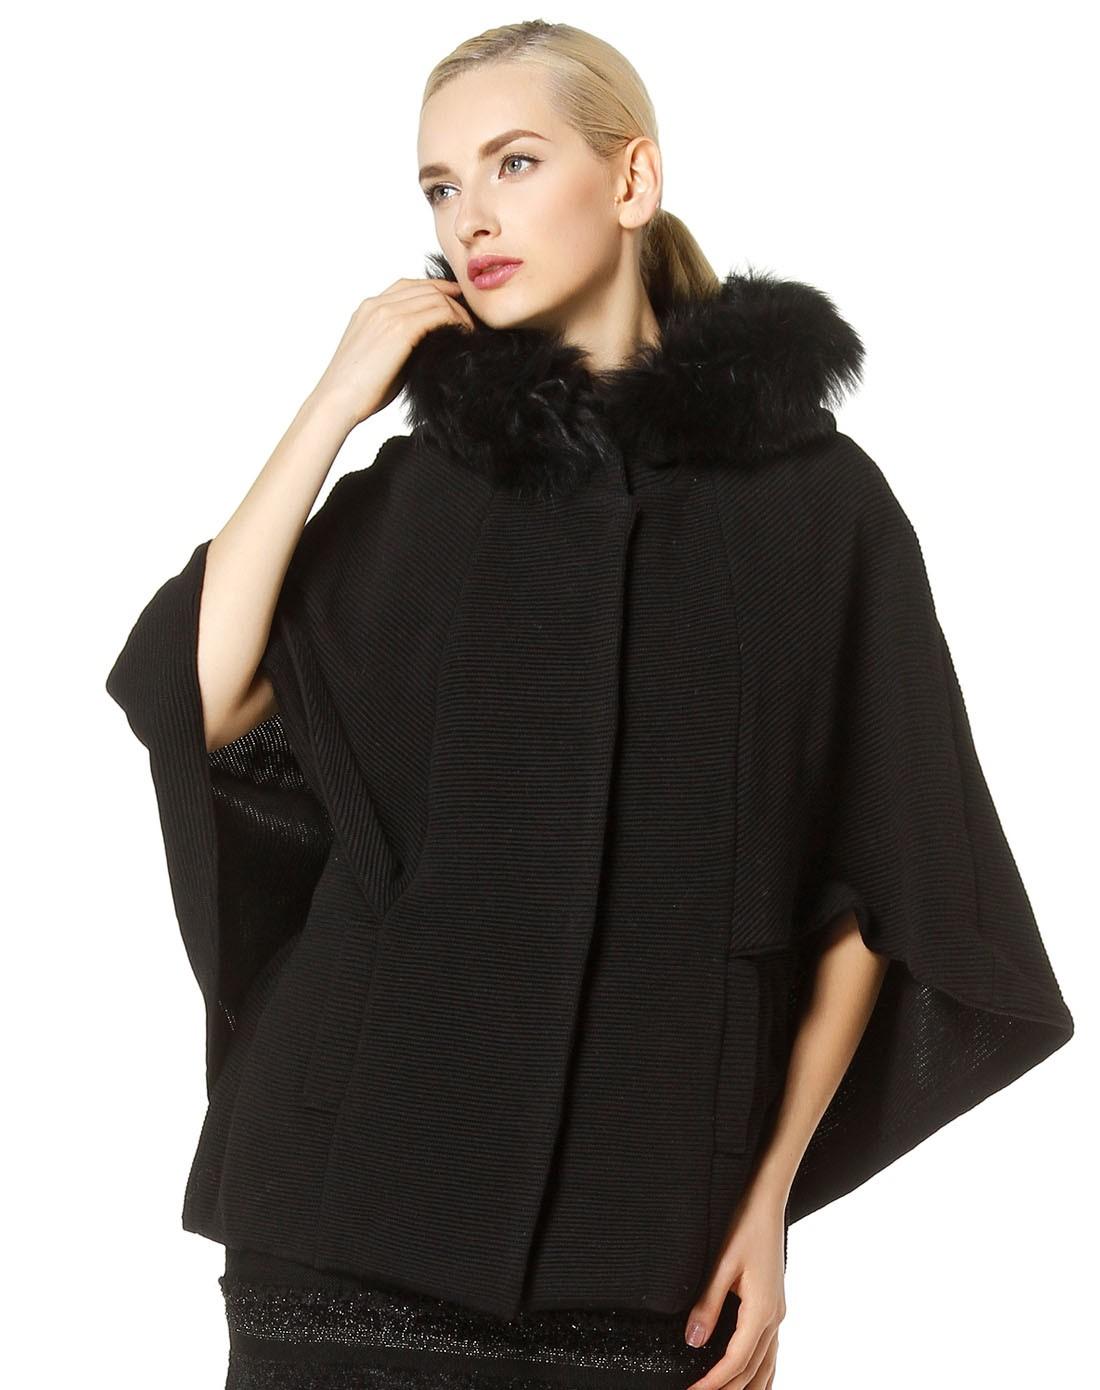 黑色连帽时尚淑女斗篷式针织外套